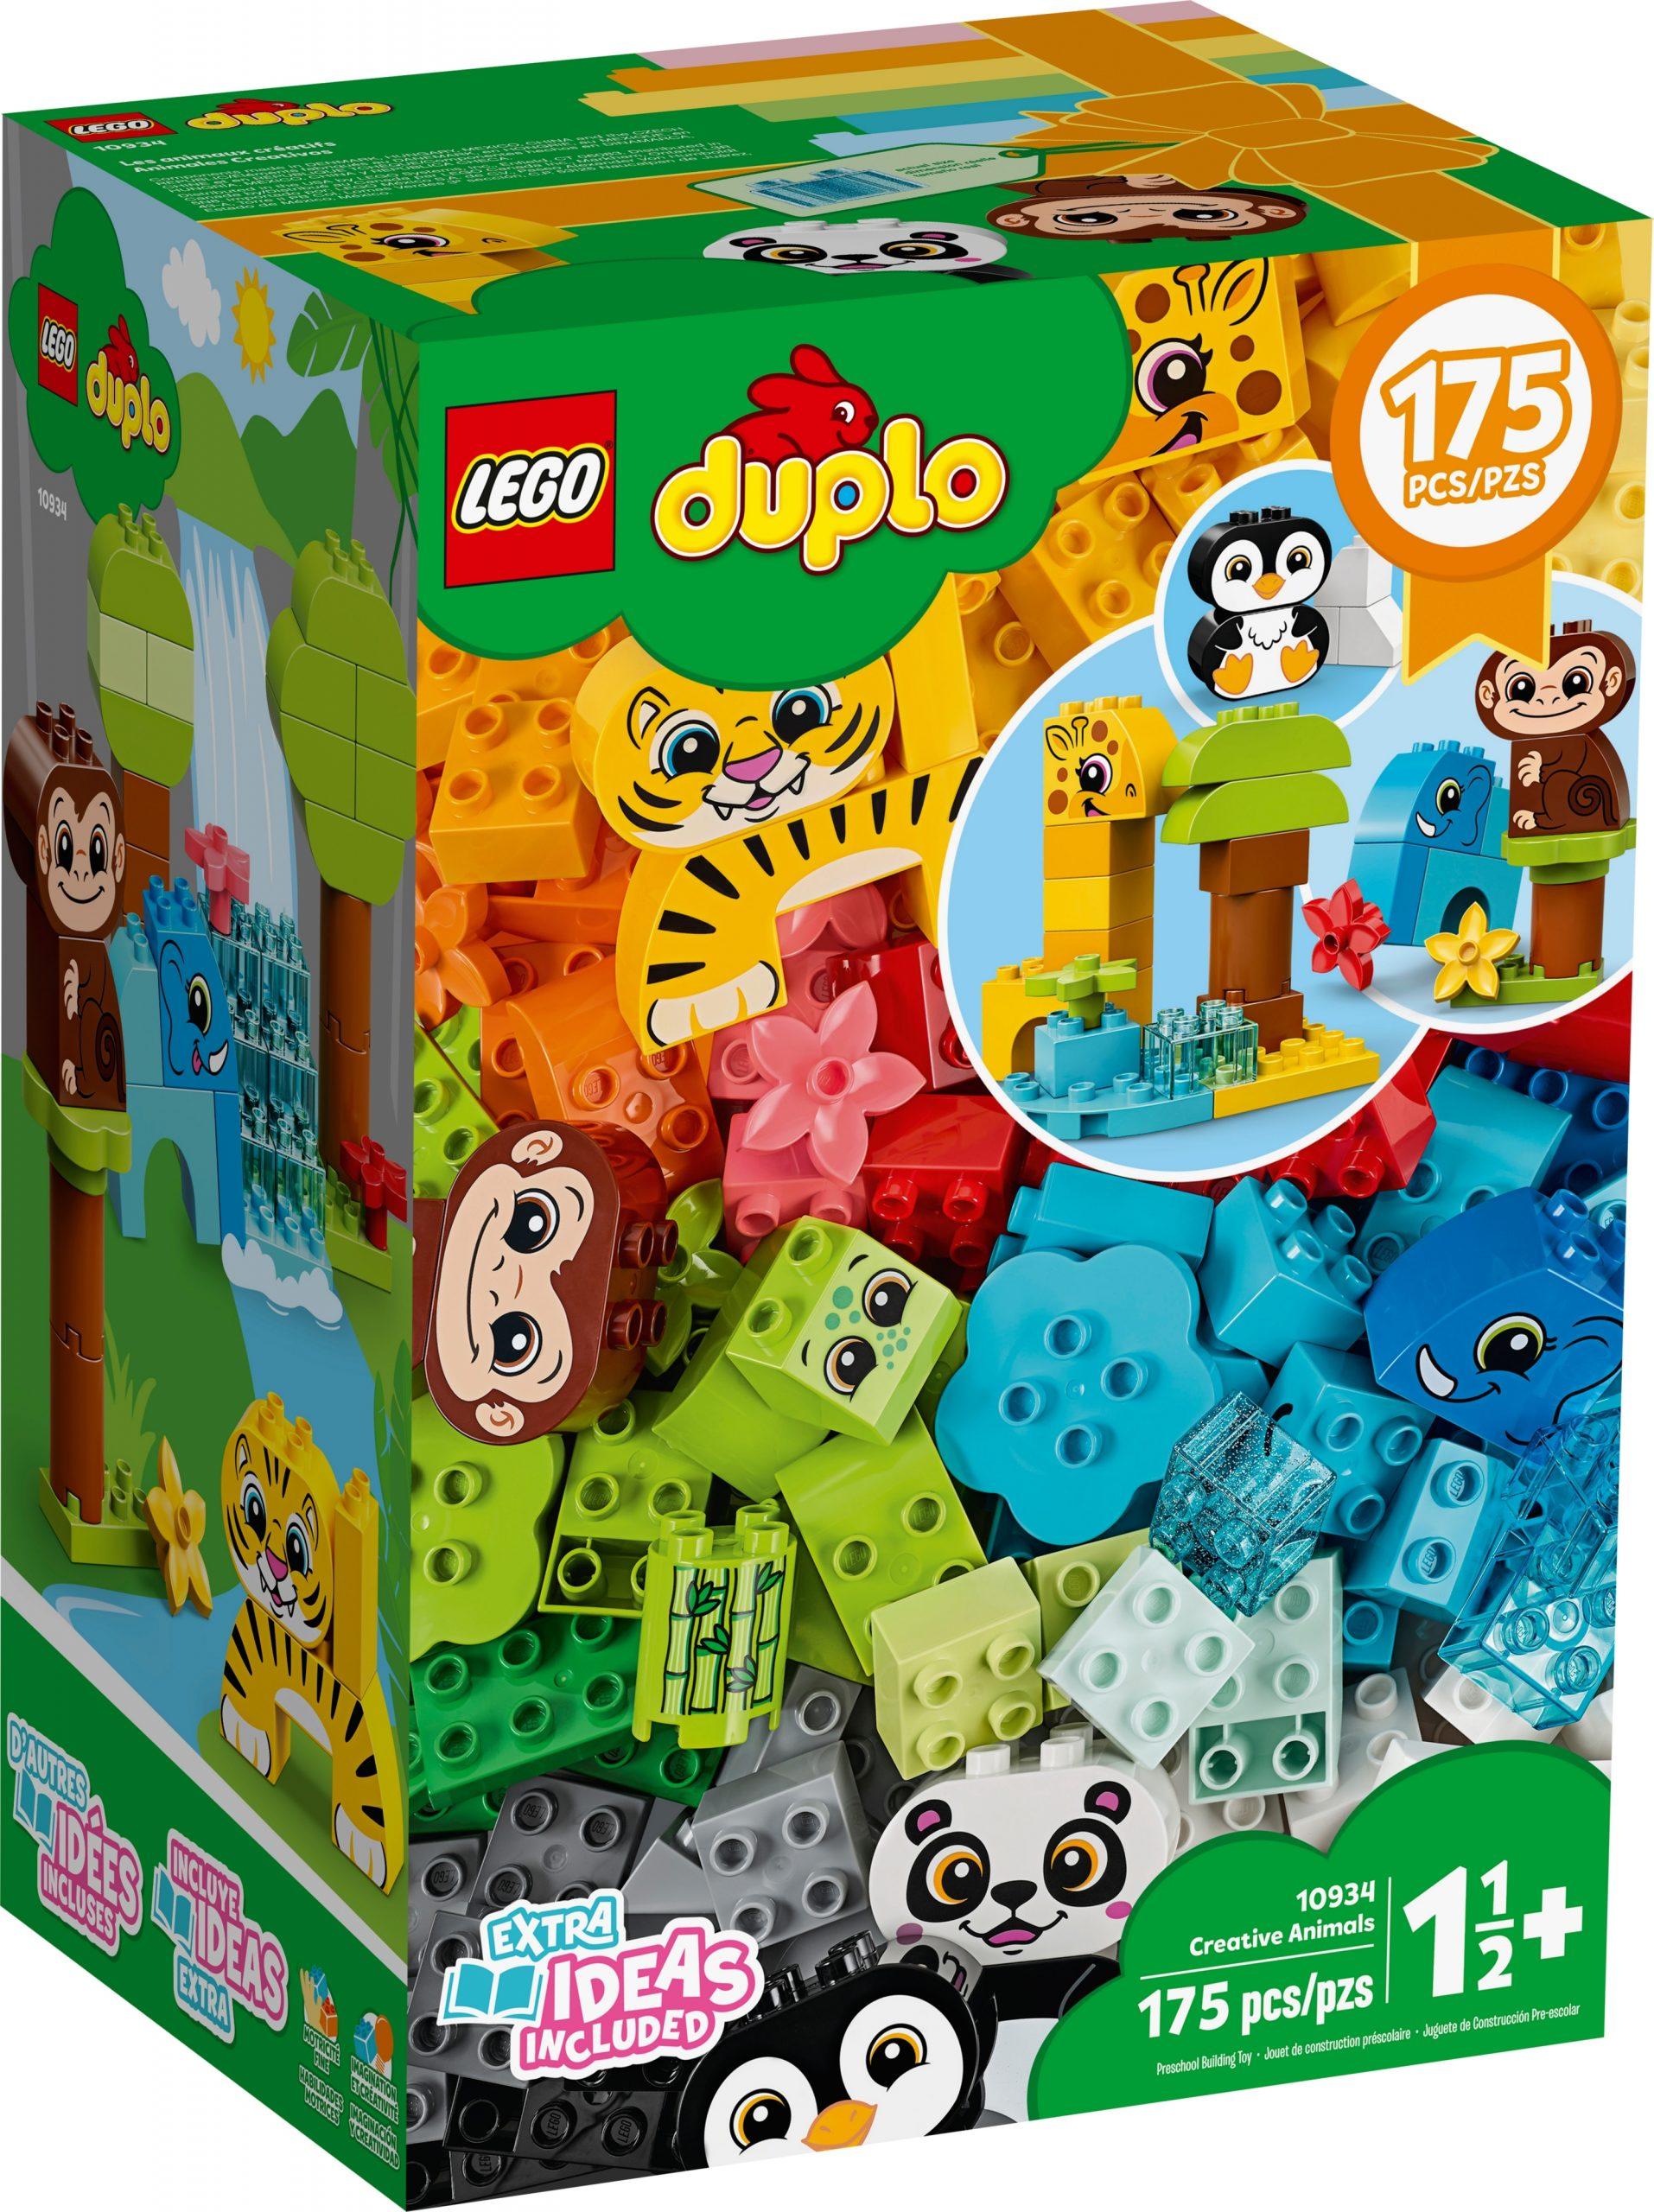 lego 10934 kreative dyr scaled